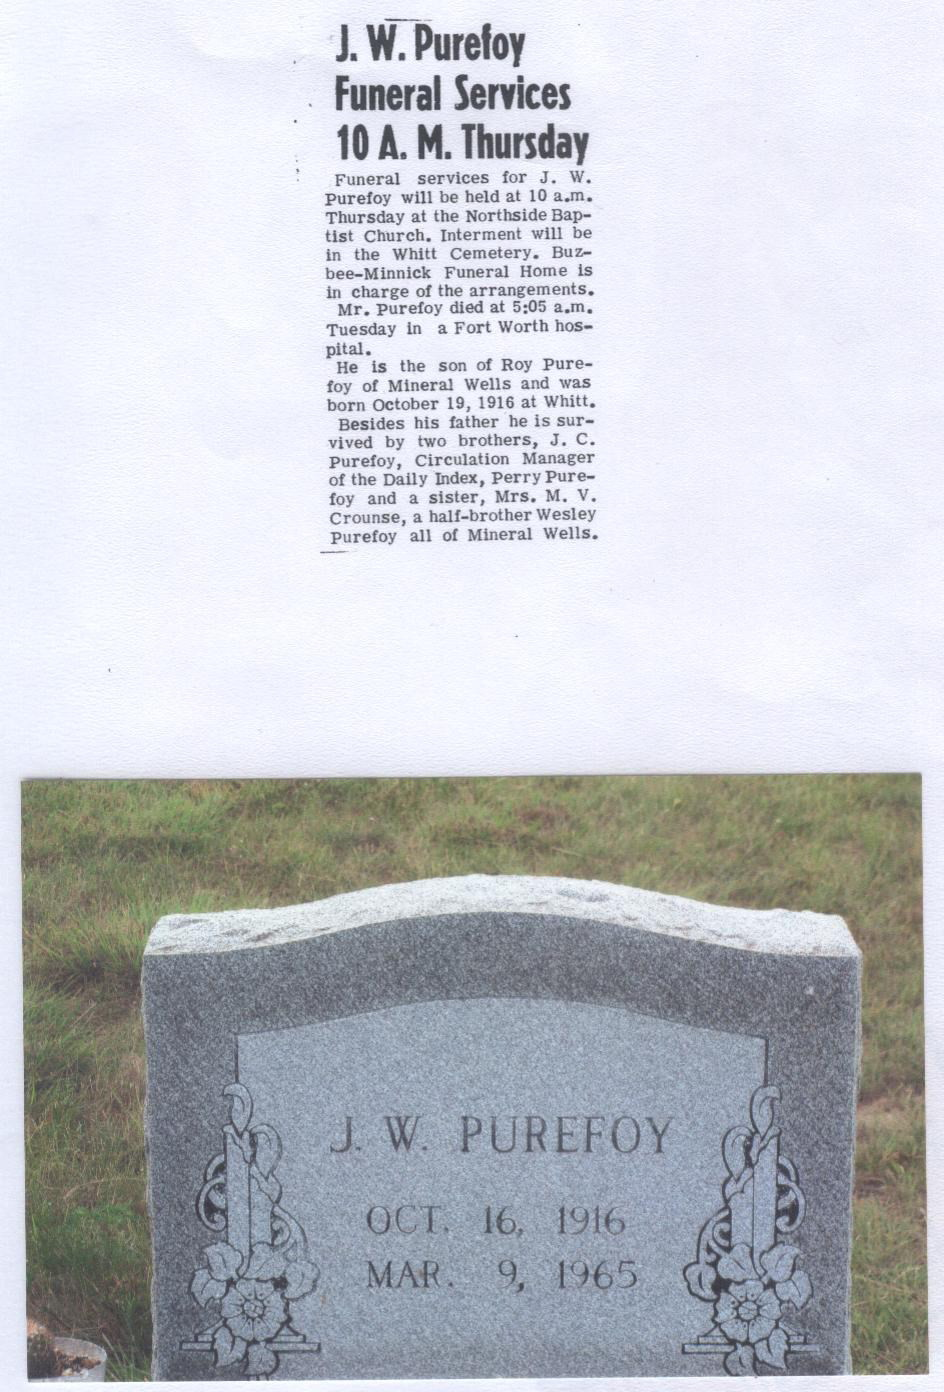 John William Rev. Purefoy